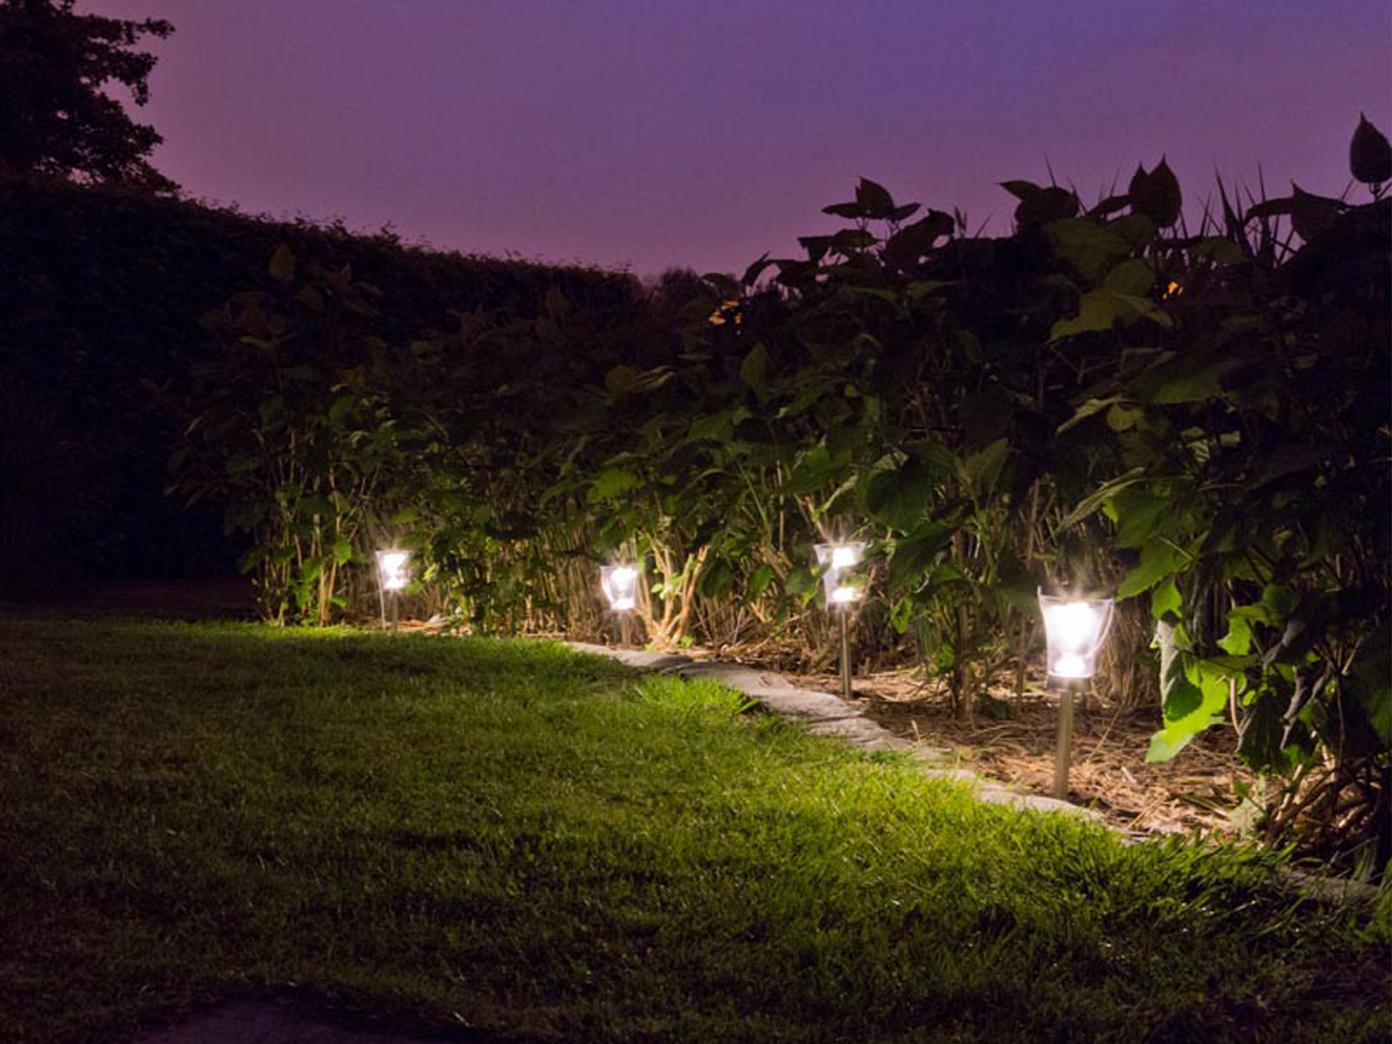 solarleuchten im 8er set f r garten terrassen wegeleuchten 9cm edelstahl lampe eur 40 99. Black Bedroom Furniture Sets. Home Design Ideas